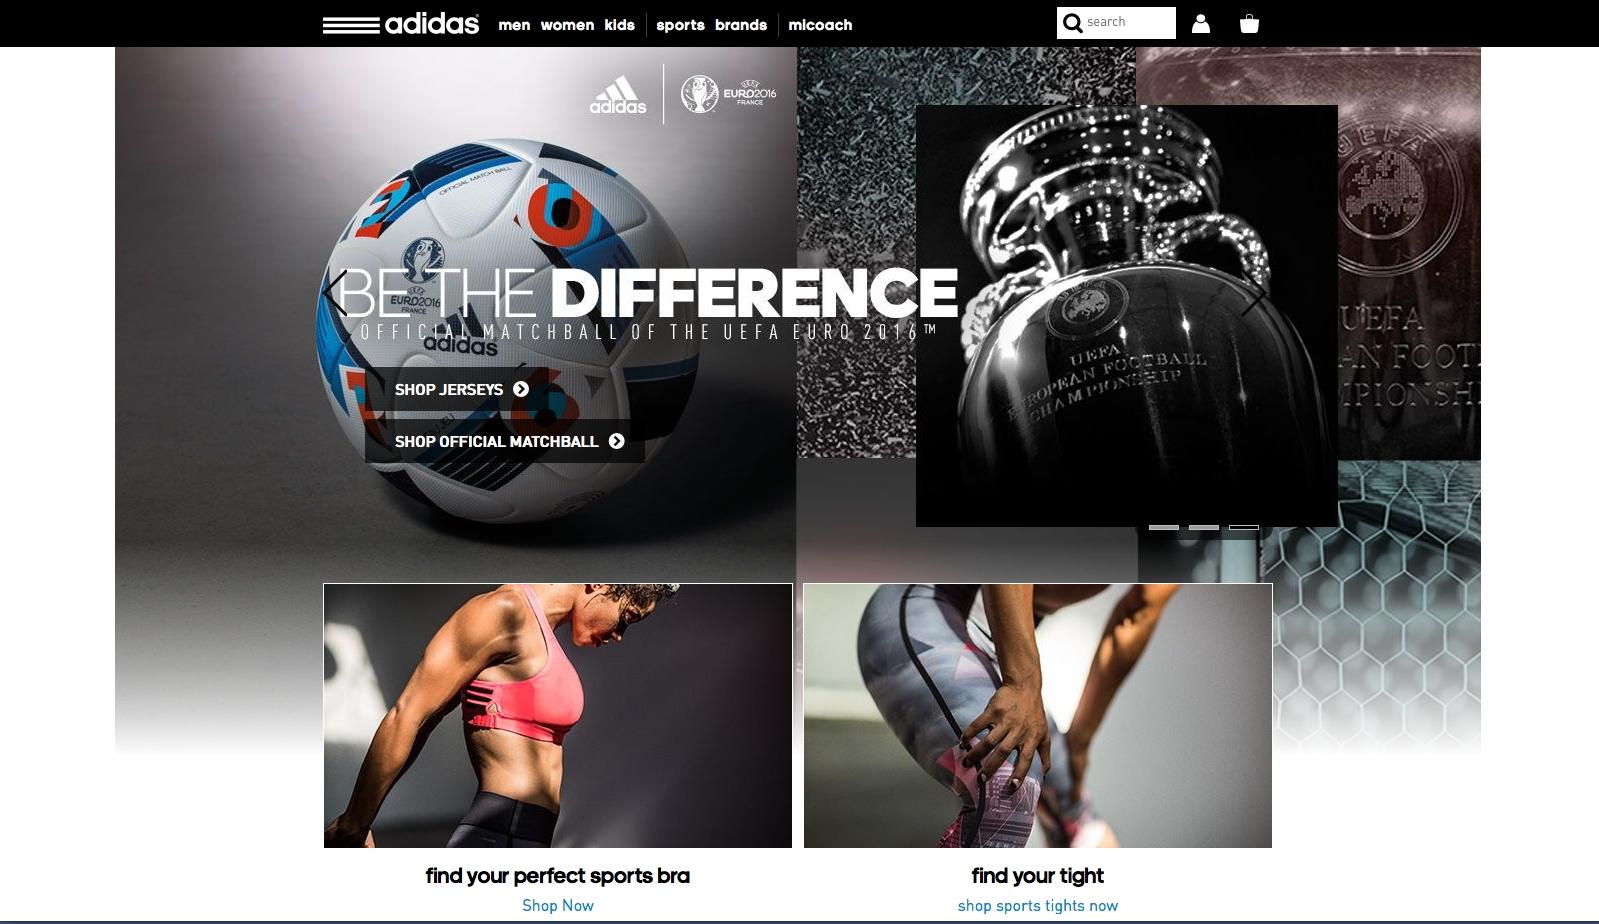 Τώρα τα προϊόντα adidas είναι διαθέσιμα και στην Ελλάδα 24 ώρες το ... 8698b38dfdc